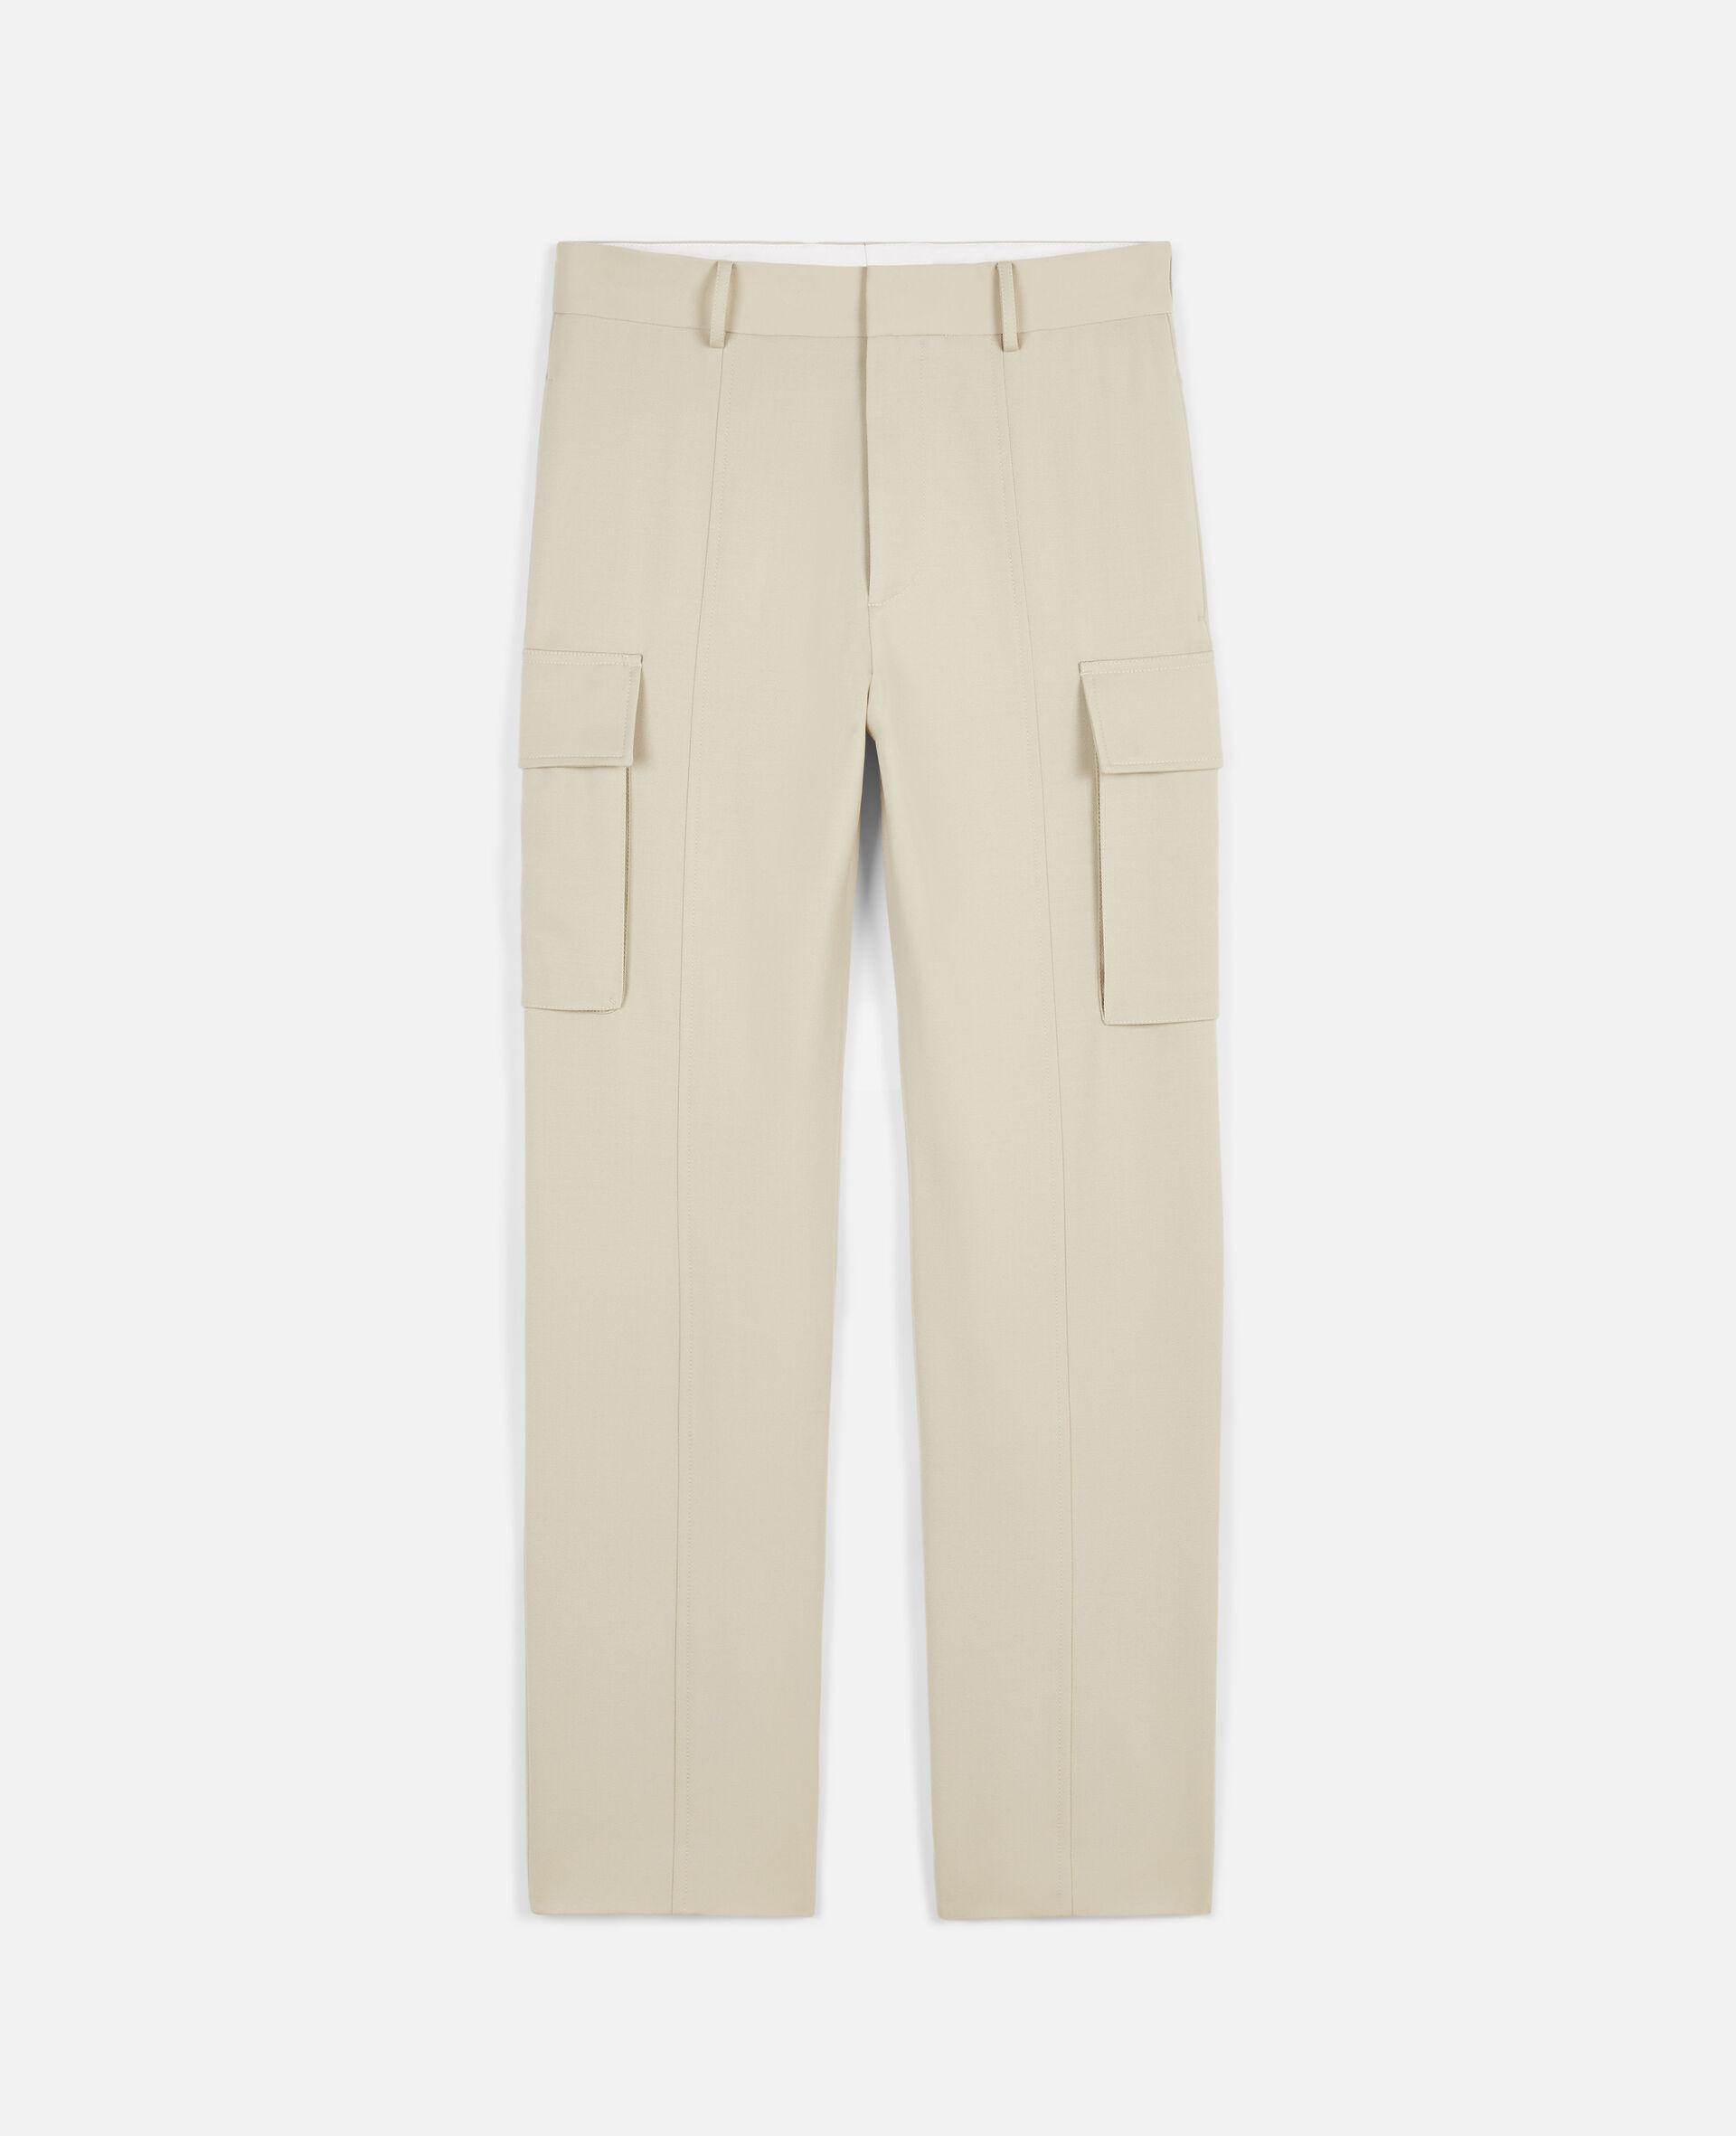 Light Sand Pants-Beige-large image number 0